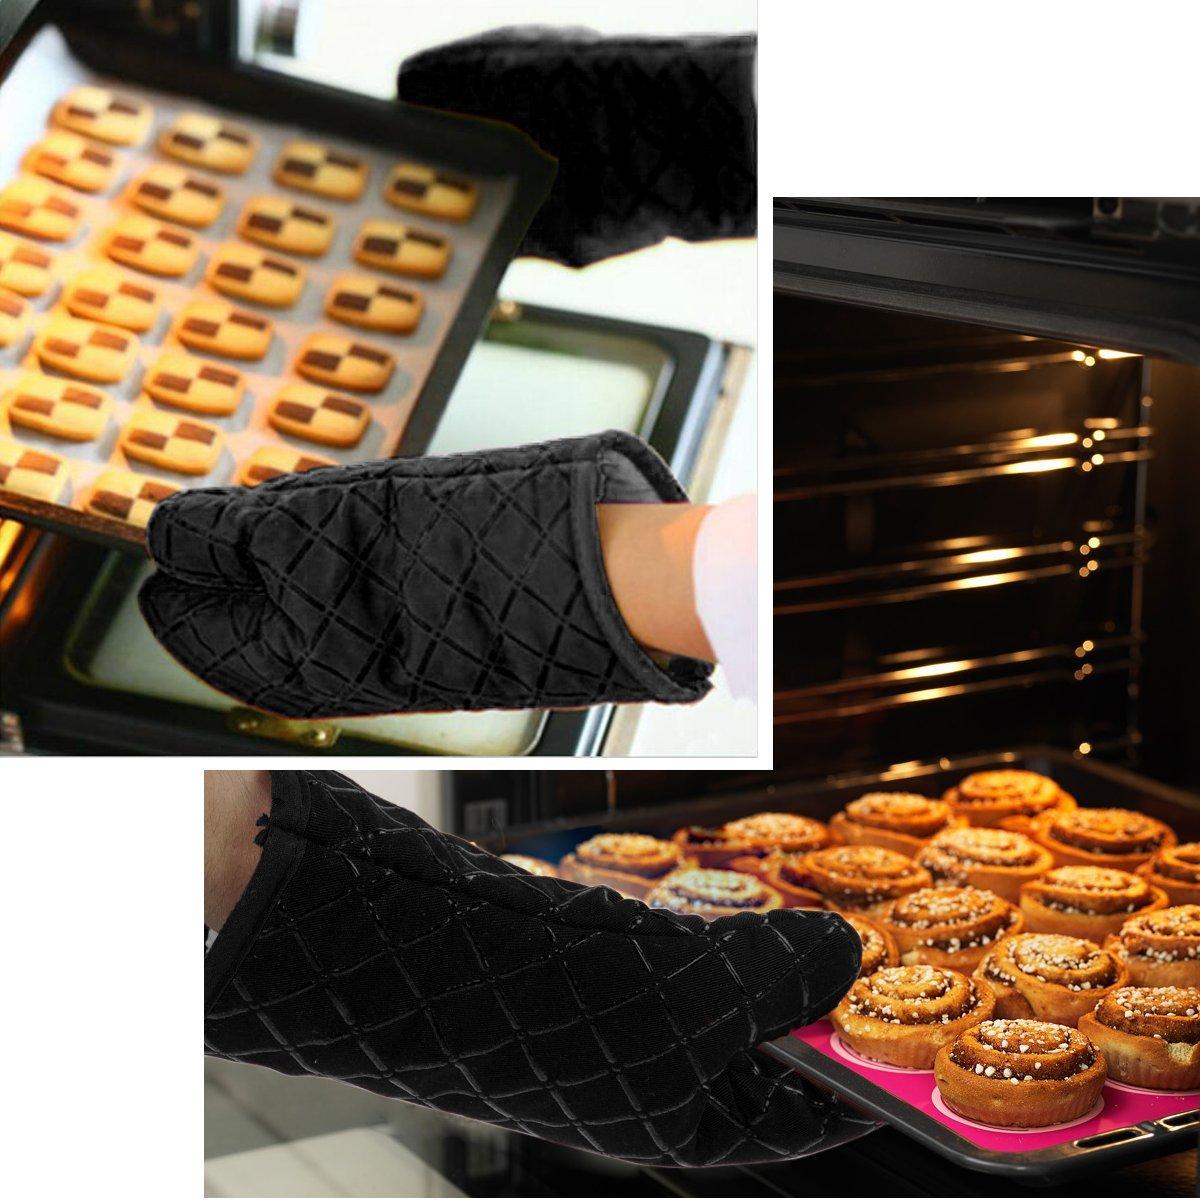 Grillade R/ésistantes /à La Chaleur en Silicone Gants de Four Doublure en Coton de Haute Qualit/é Cuisson Micro-Ondes 1 Paire Pot de Maintien Double Elite Antid/érapants Gants de Cuisine Noir